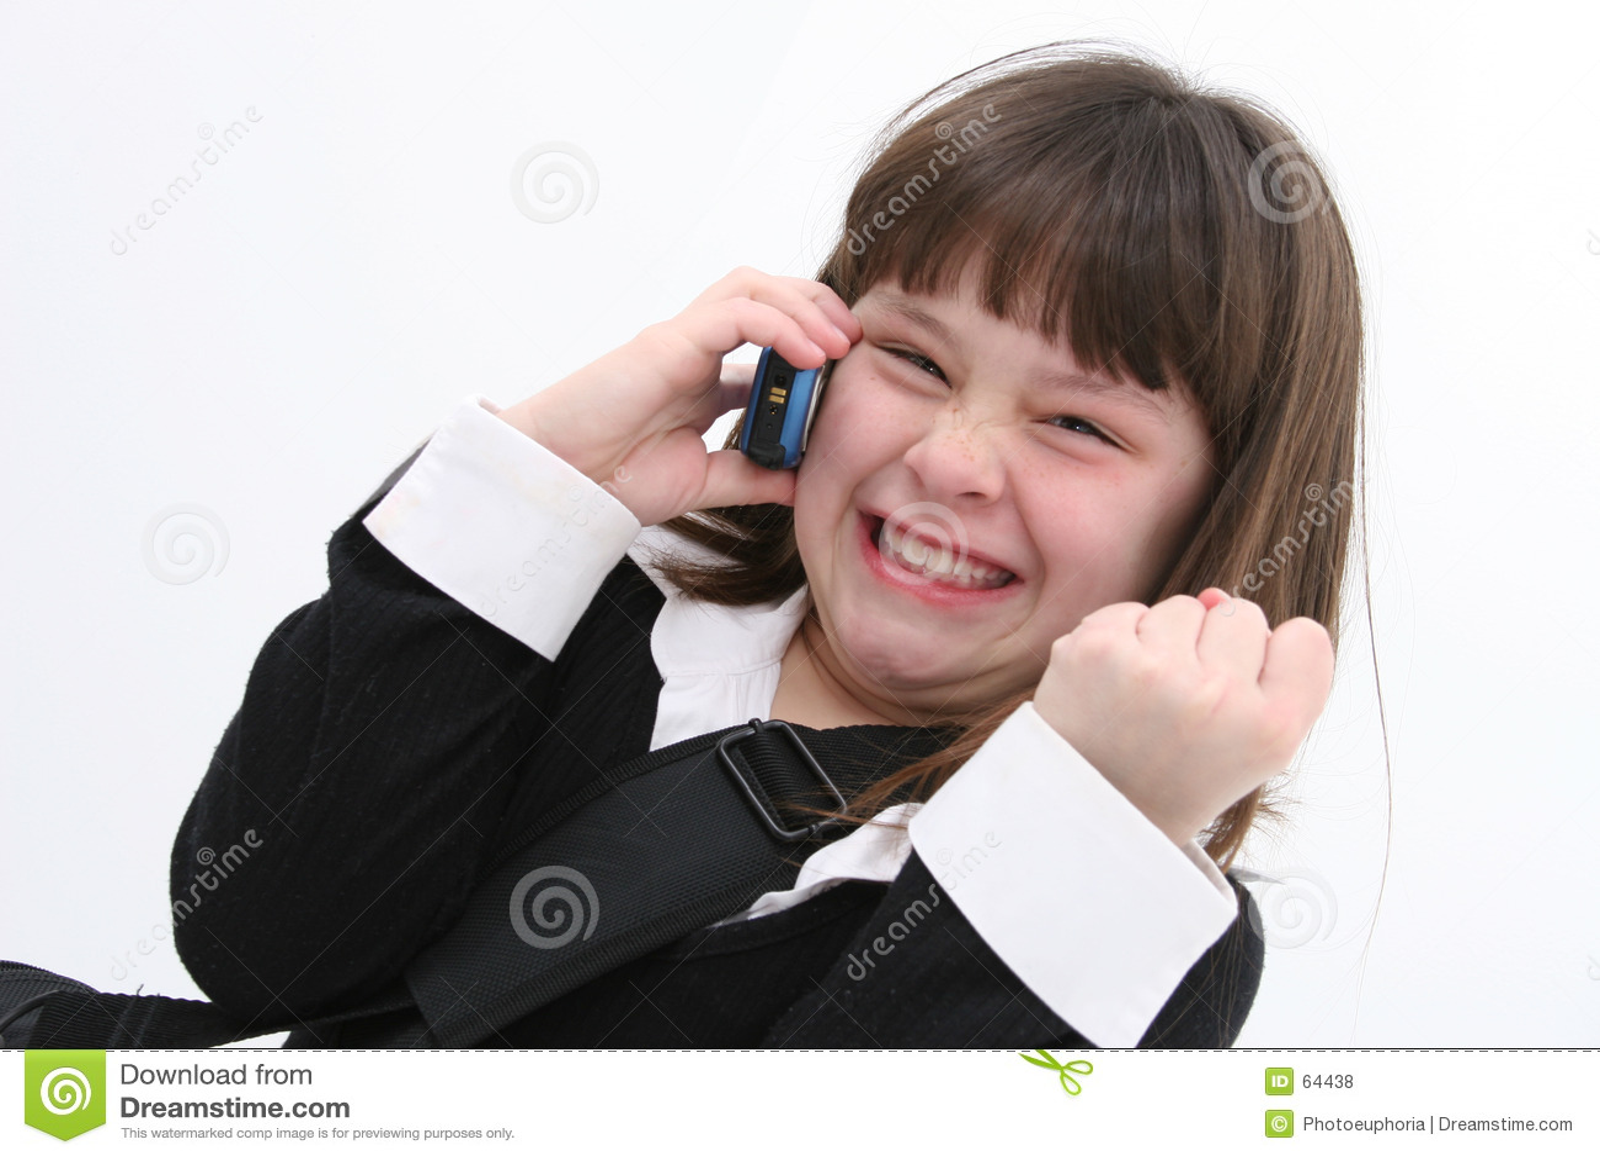 01个移动电话儿童女孩